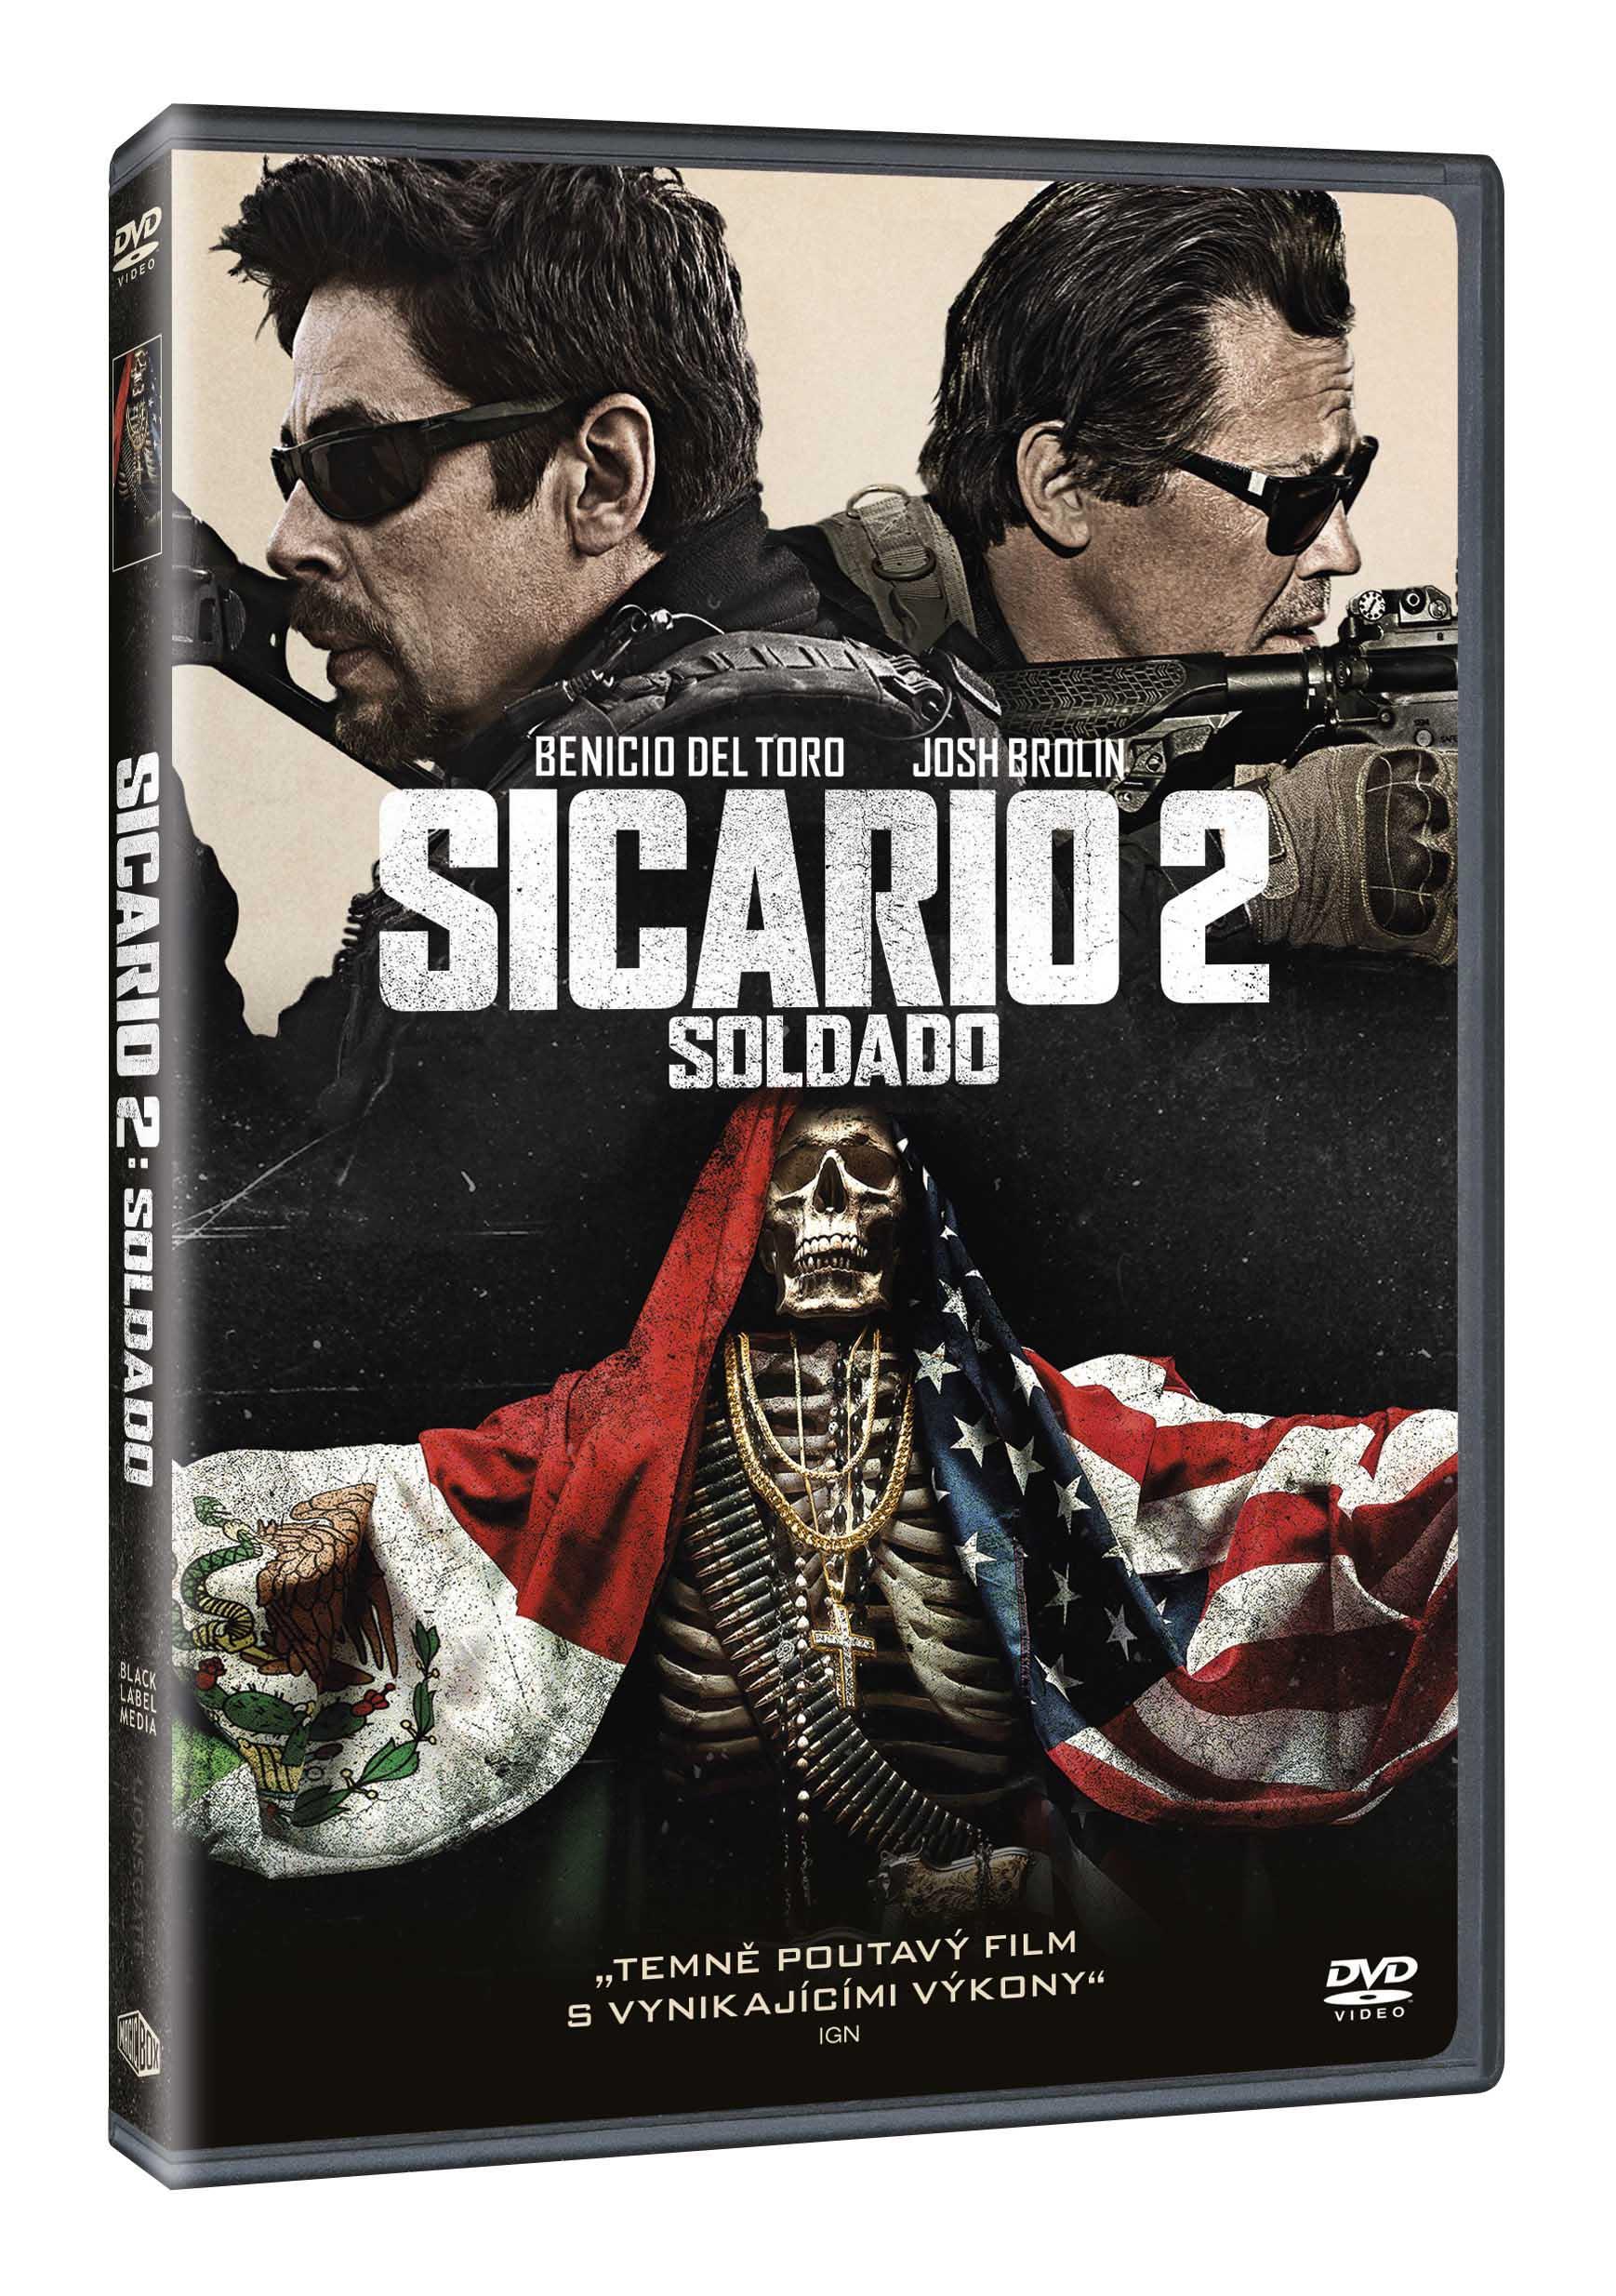 Sicario 2: Soldado - DVD